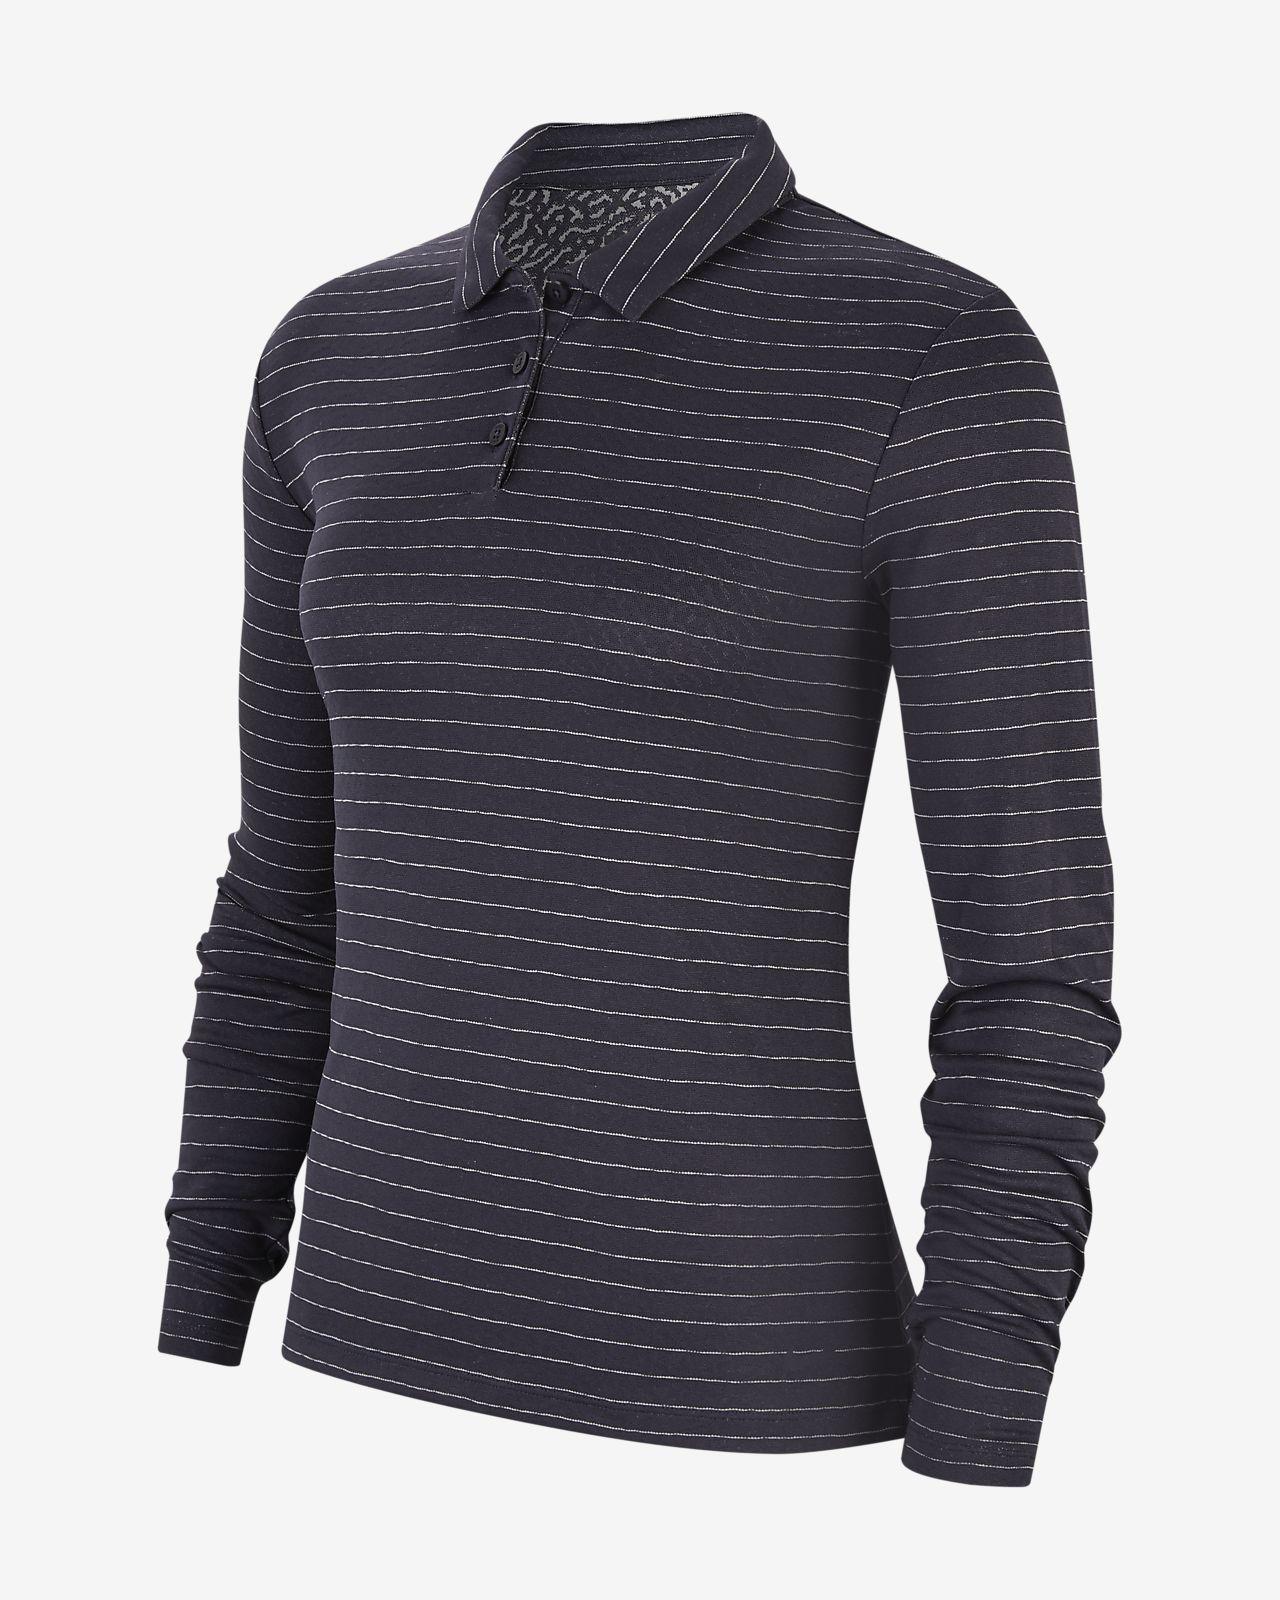 Γυναικεία μακρυμάνικη μπλούζα πόλο για γκολφ Nike Dri-FIT